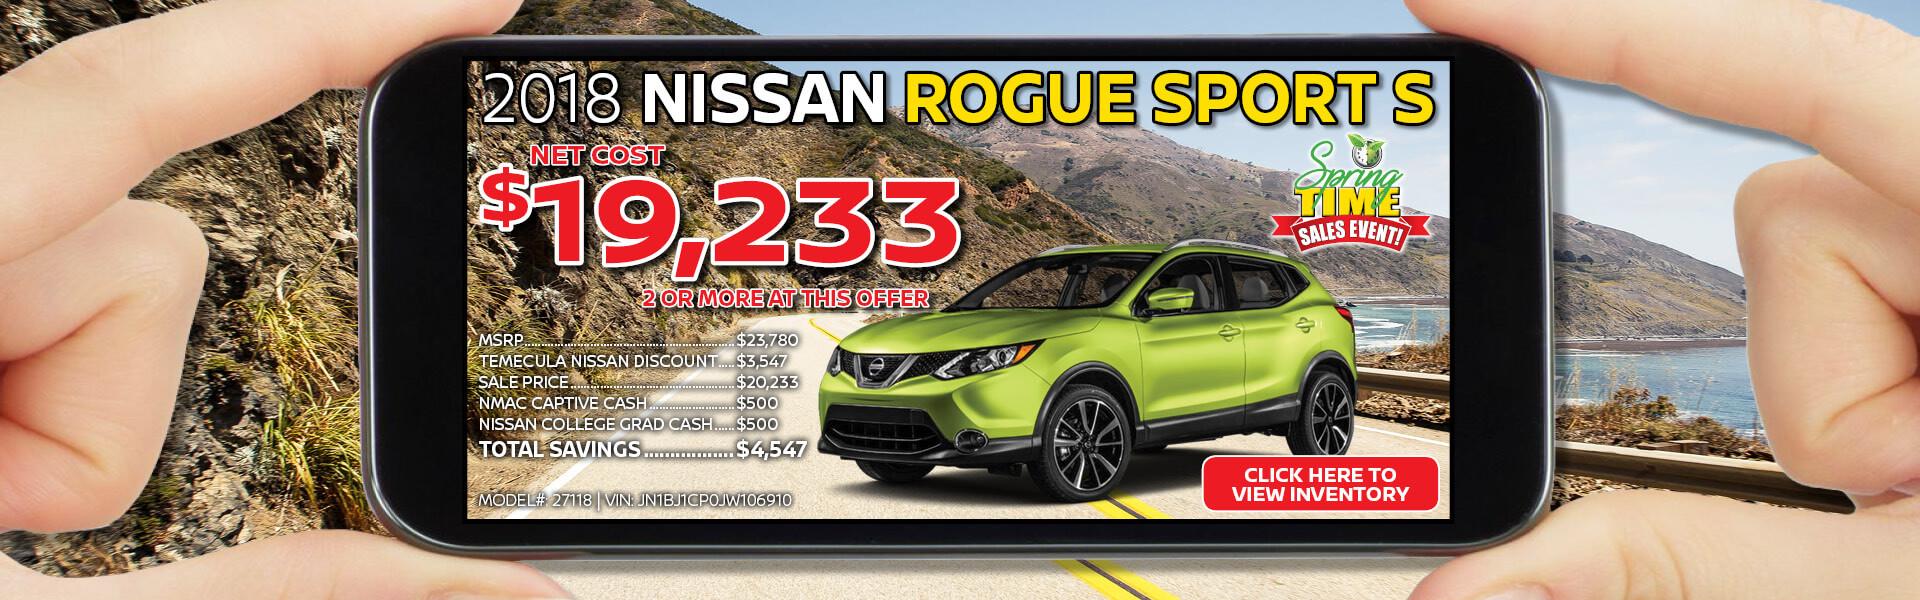 Rogue Sport